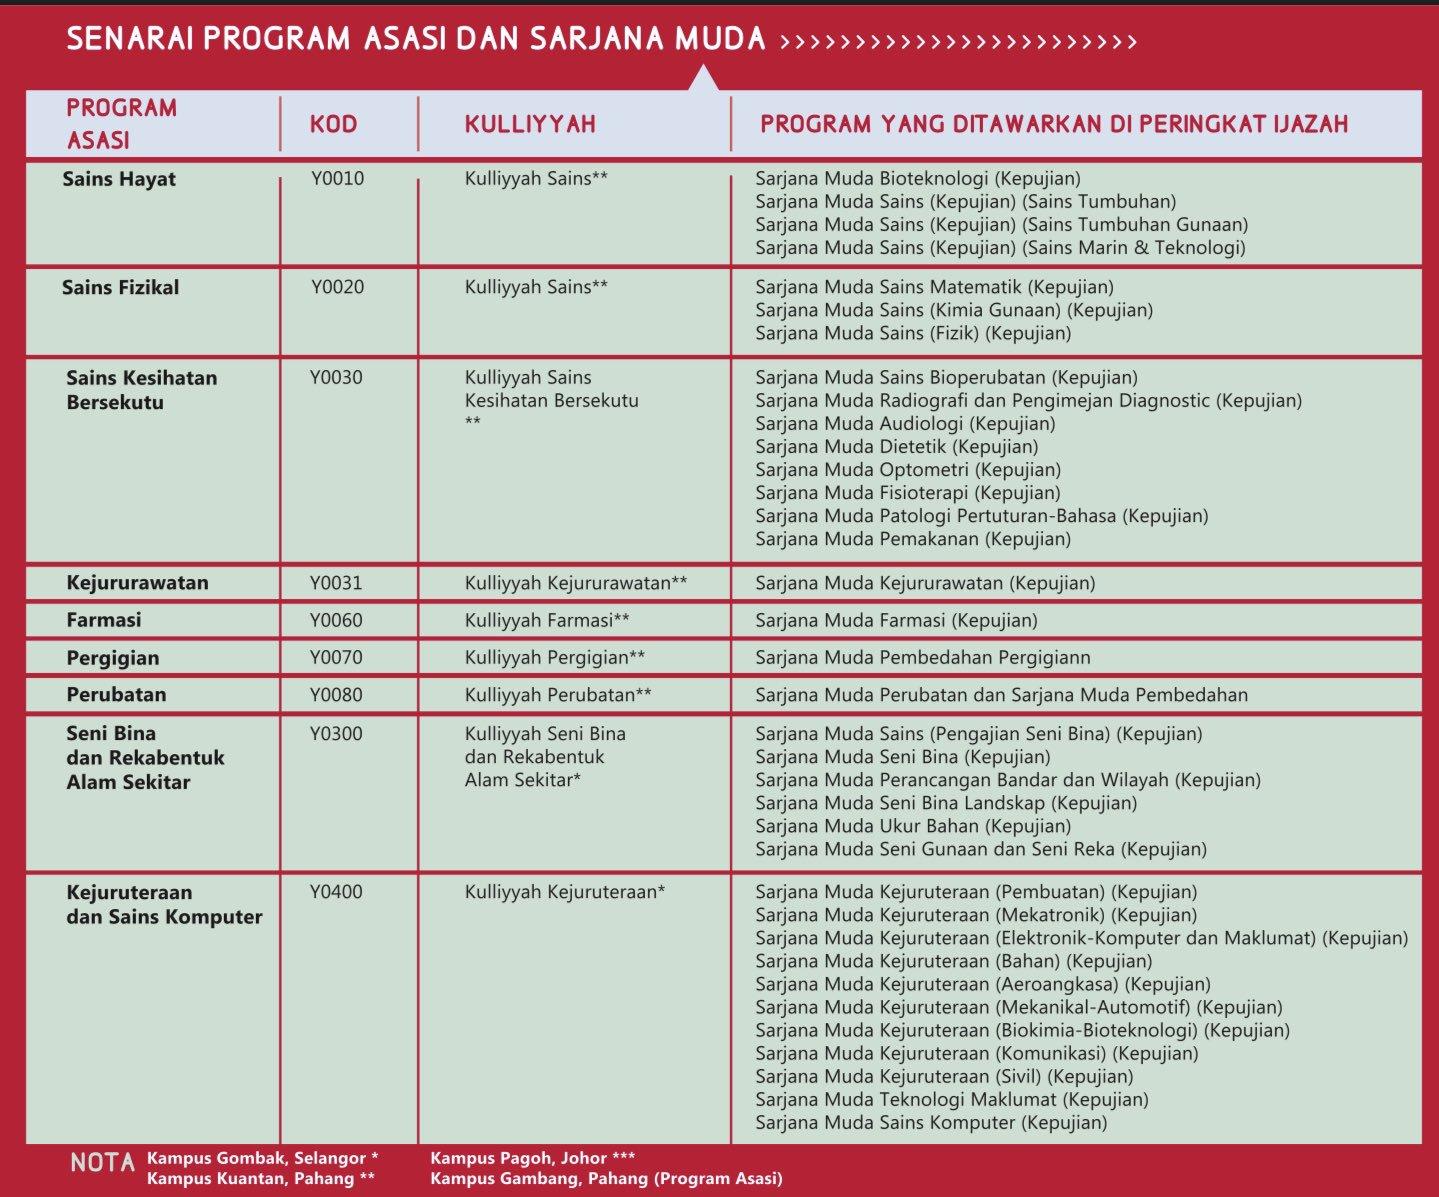 Schoollah Malaysia Pa Twitter Tahukah Anda Program Asasi Uiam Satu Satunya Program Asasi Yang Mempunyai Designated Route Untuk Program Degree Contoh 1 Asasi Sains Hayat Di Um Boleh Sambung Mana Mana Course Yang Anda